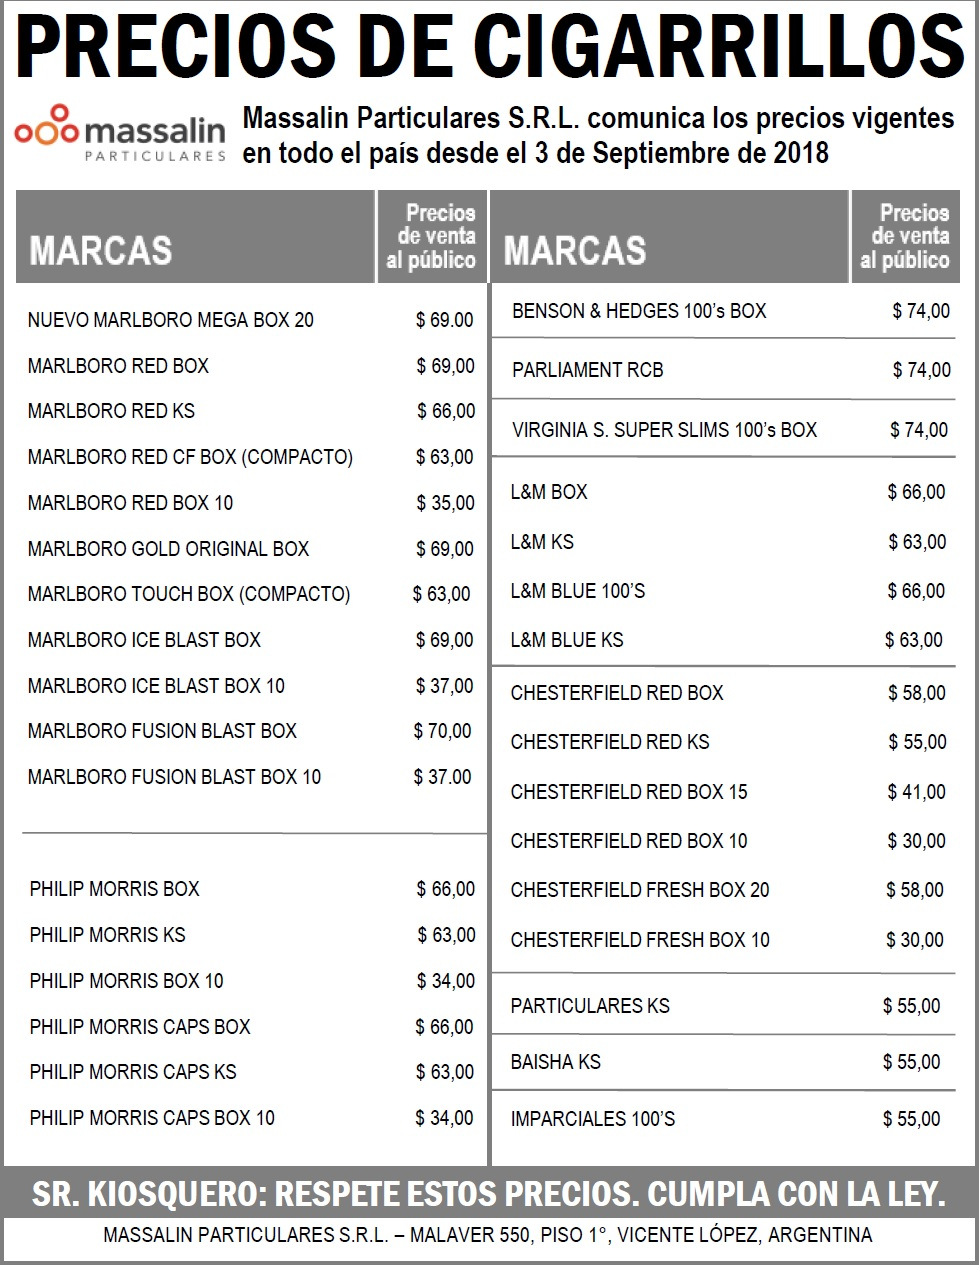 precios massalin septiembre 2018